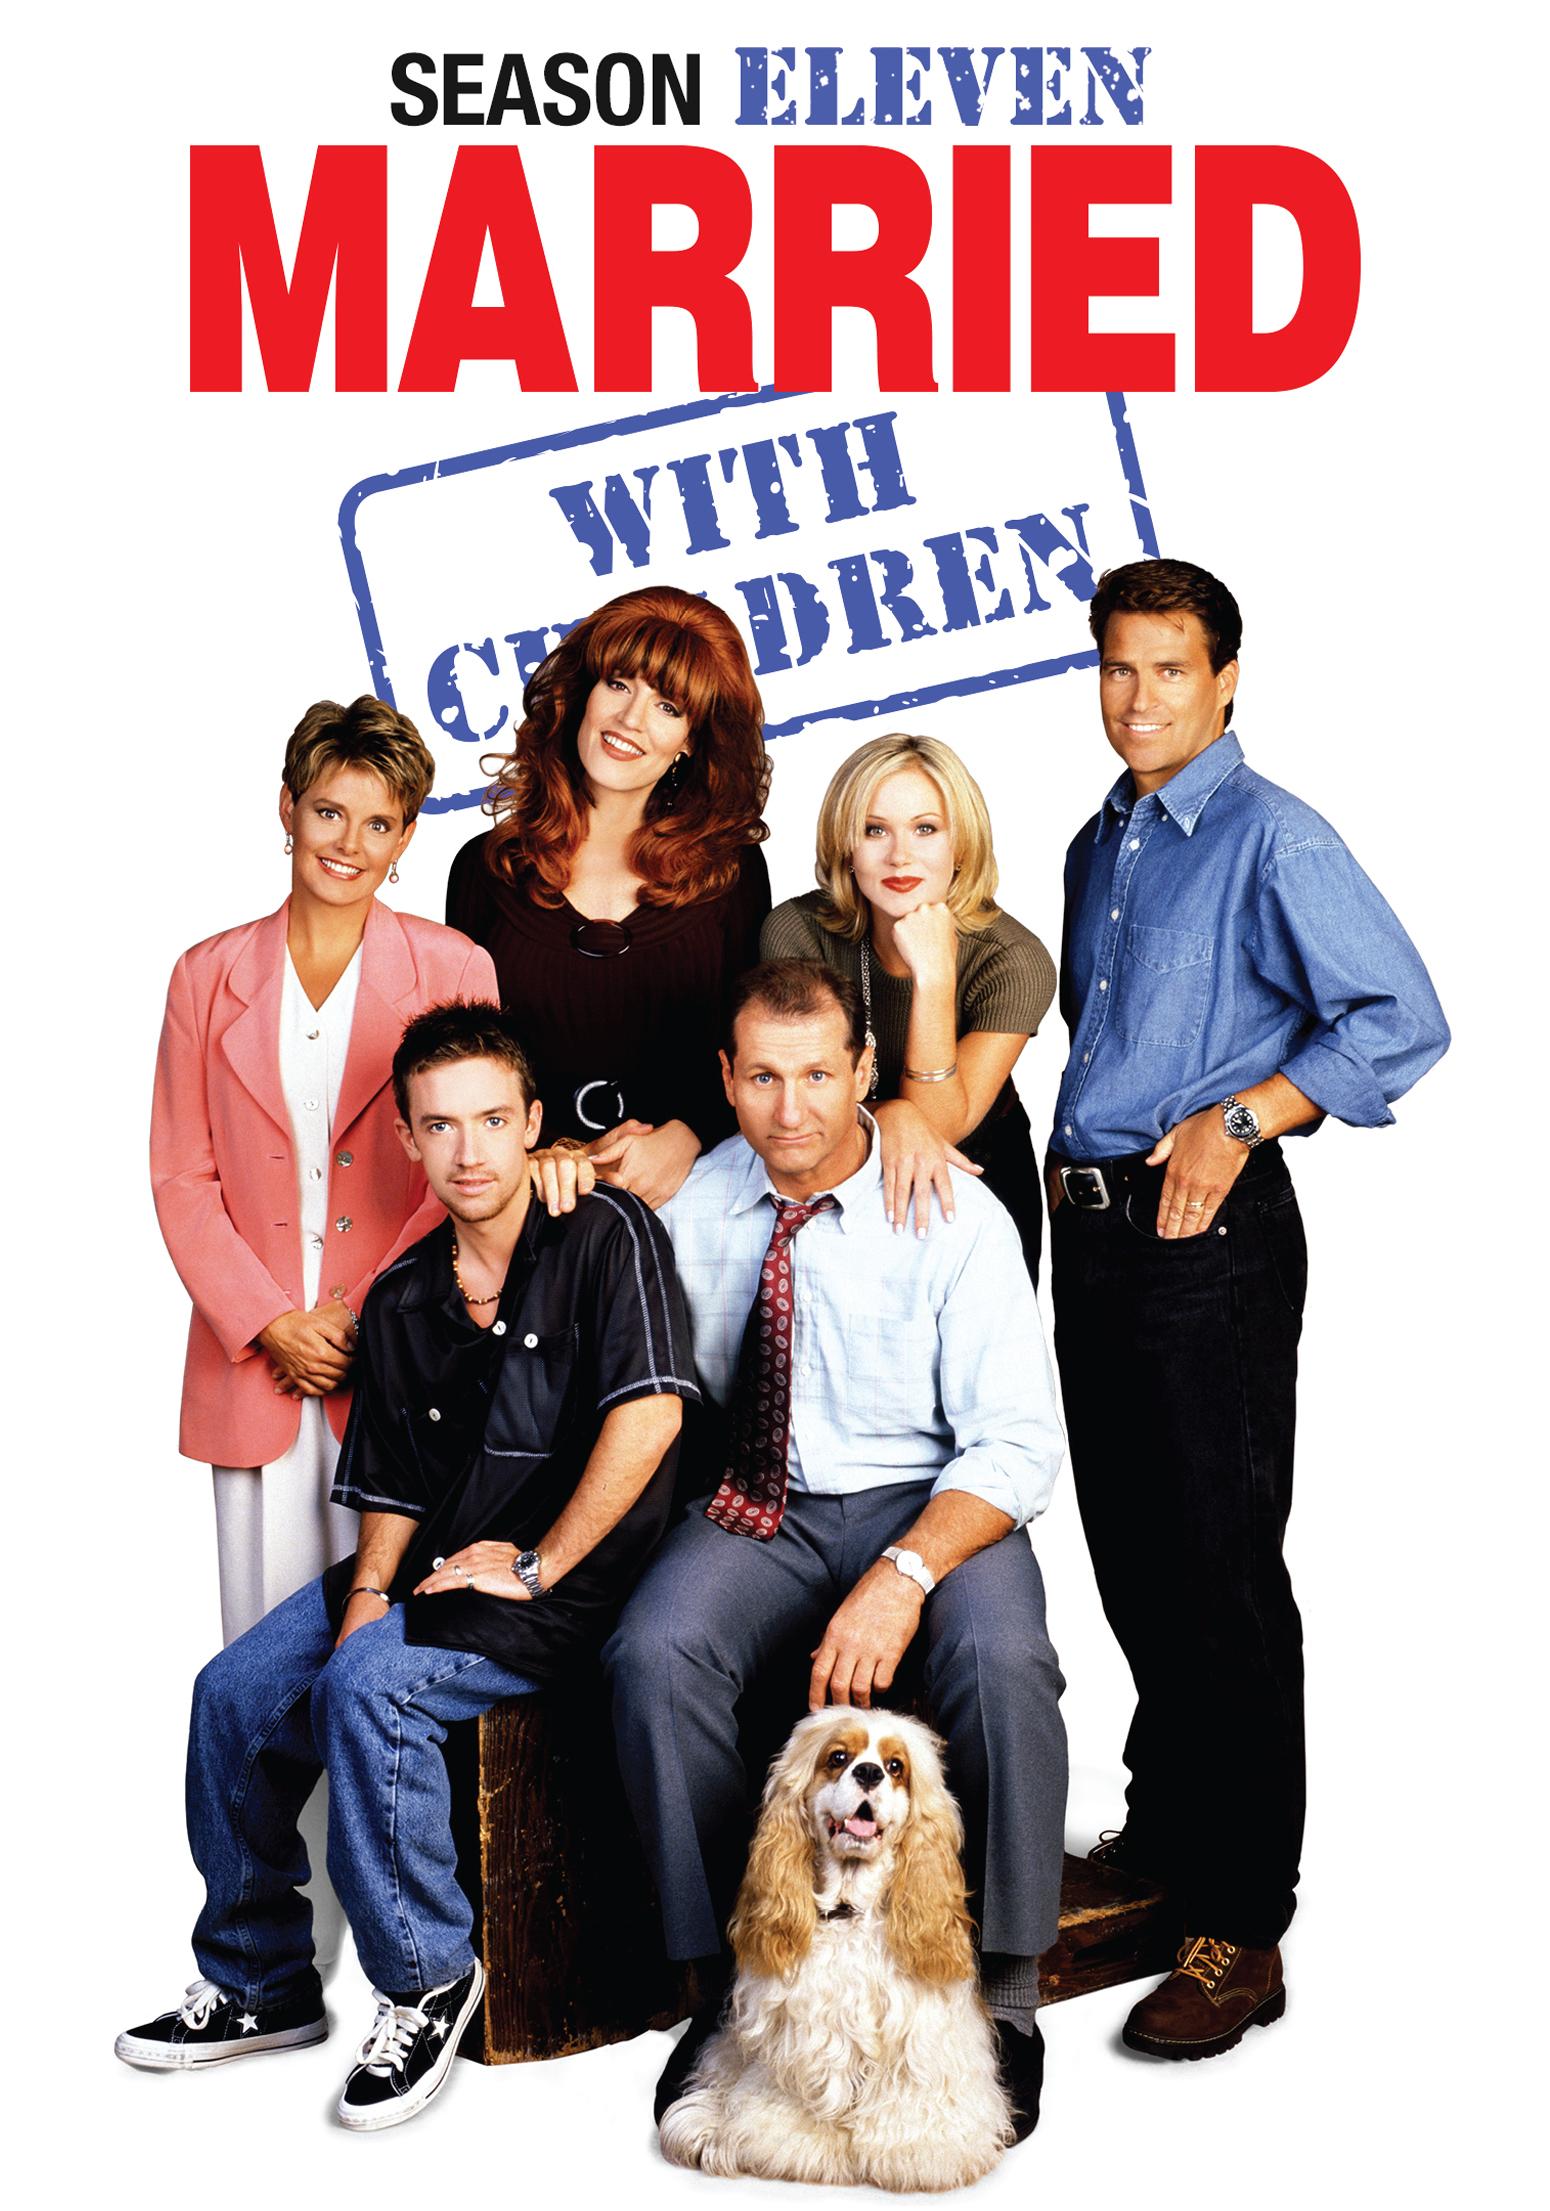 De cast van Married with Children: toen vs nu - Chicklit